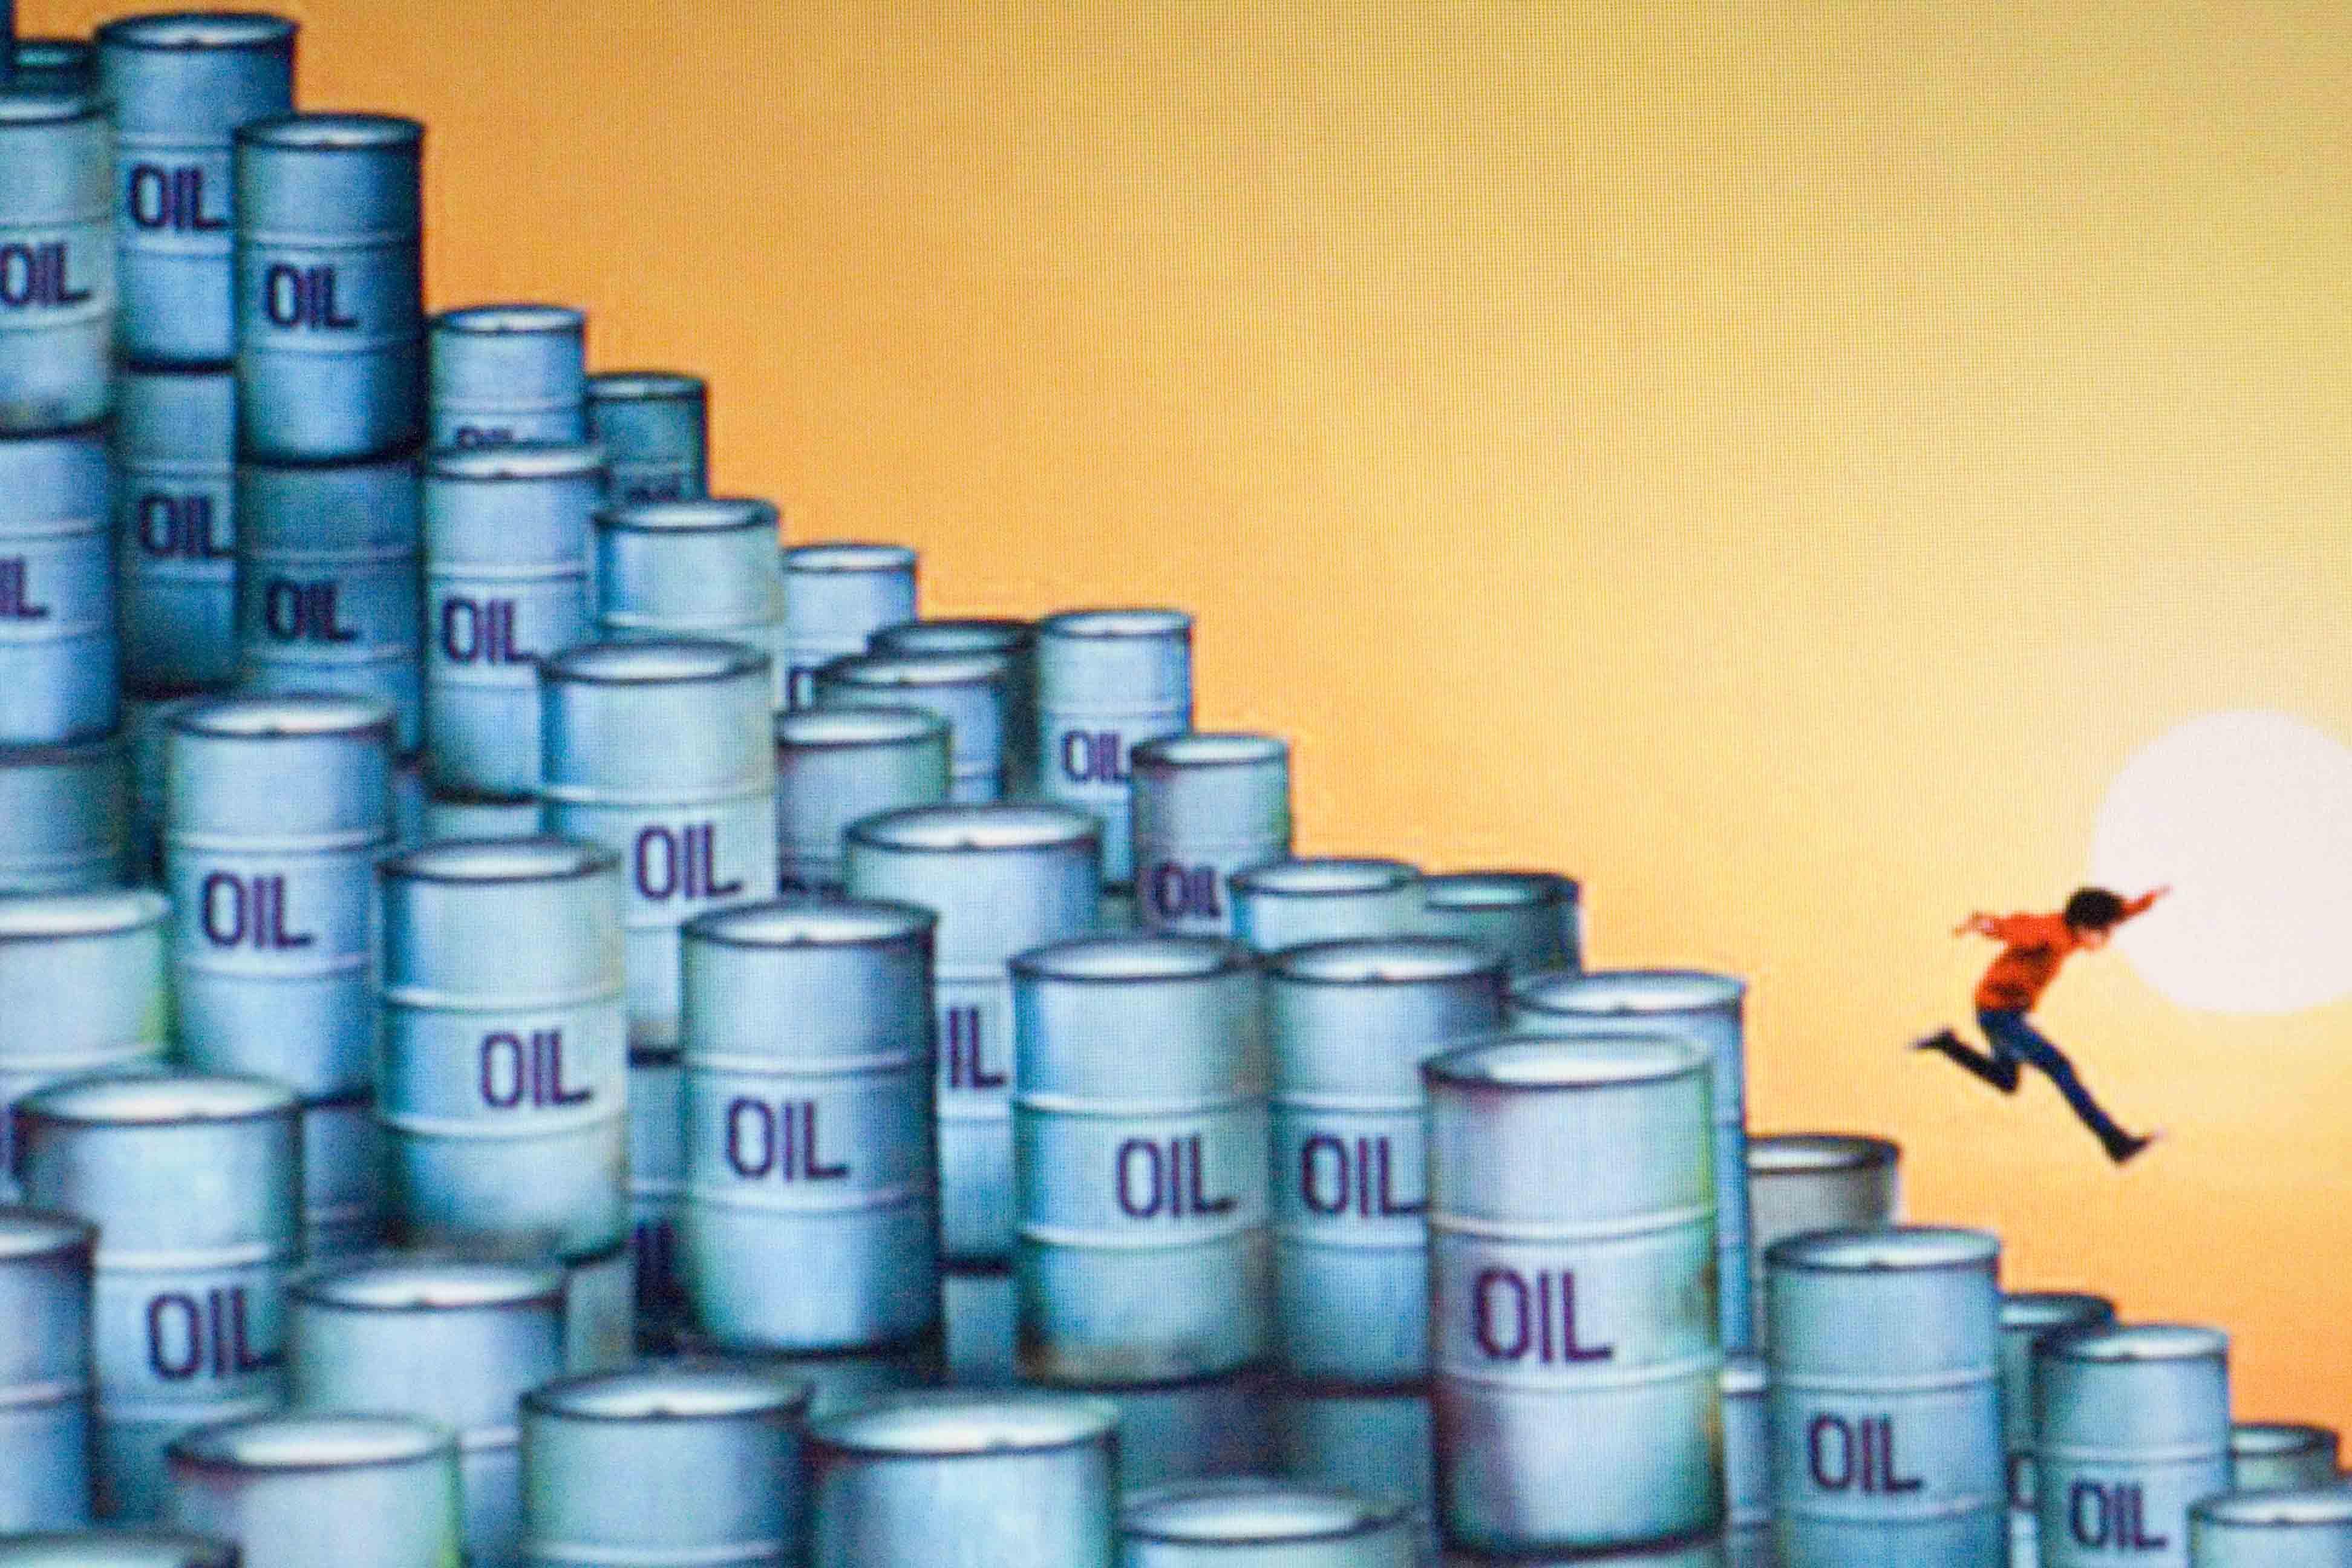 【經濟學人】低油價時代乾淨綠能產業的打造